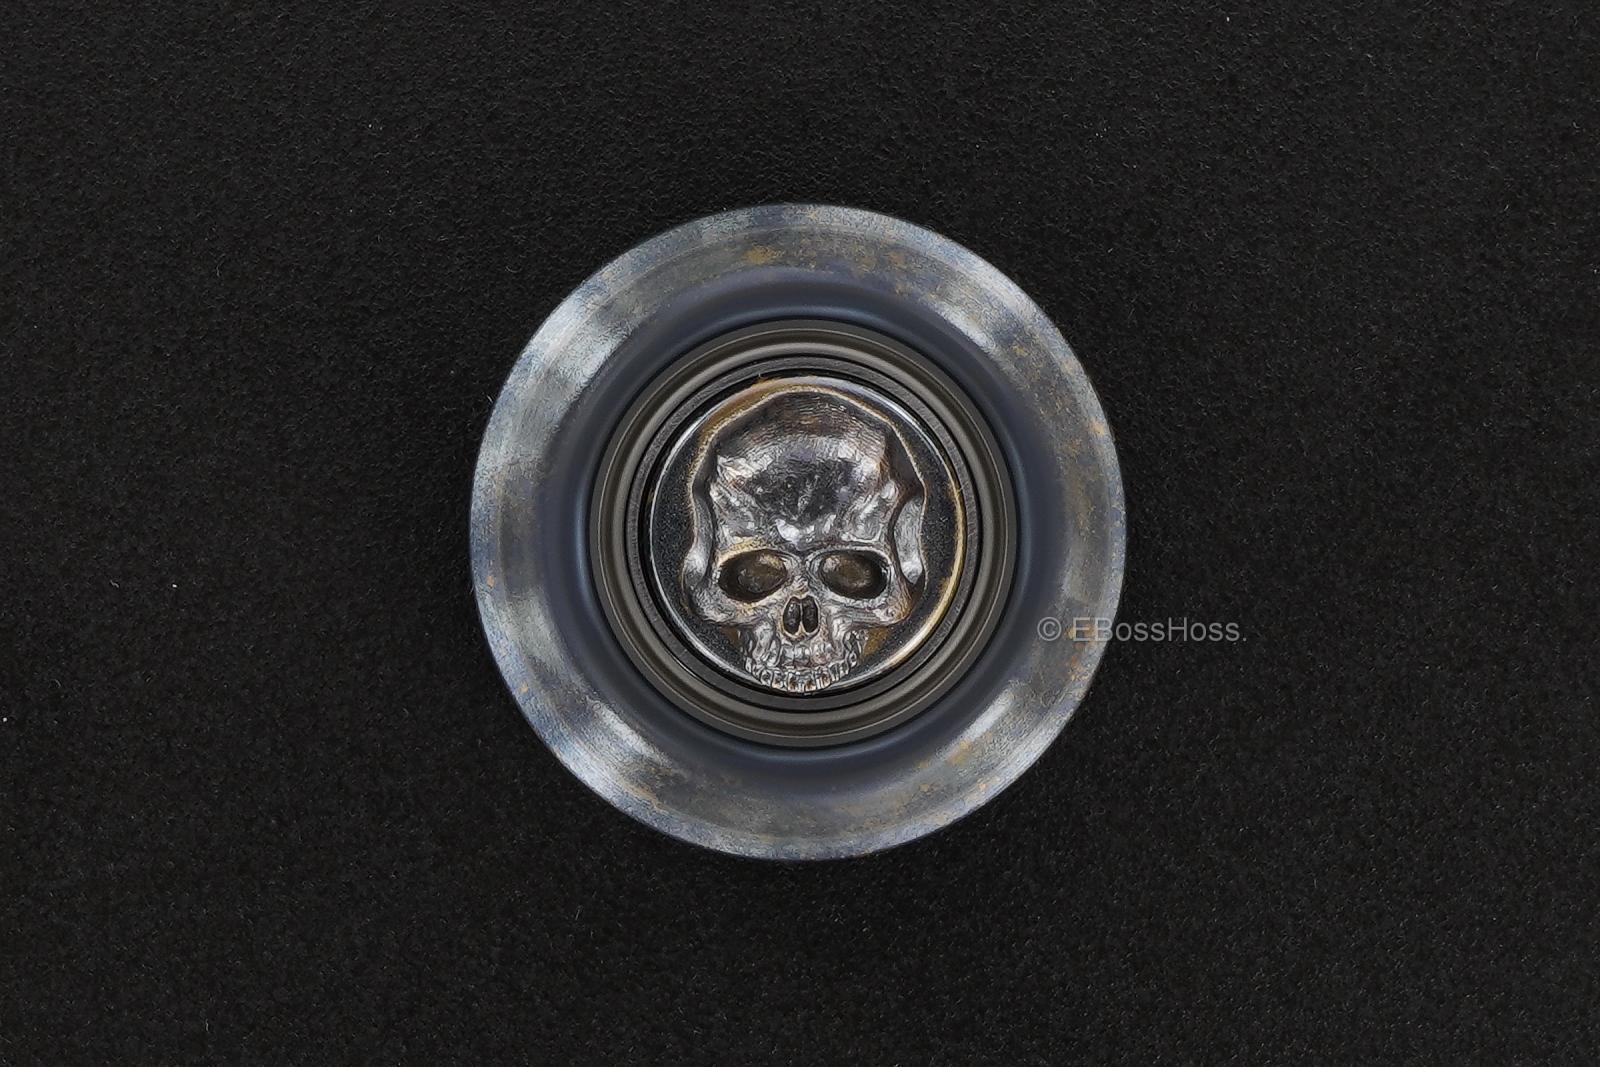 Steel Flame Cog Ring-Spin w/ an XL 3-D Hand-Stippled Silver Dog-Paw Slug